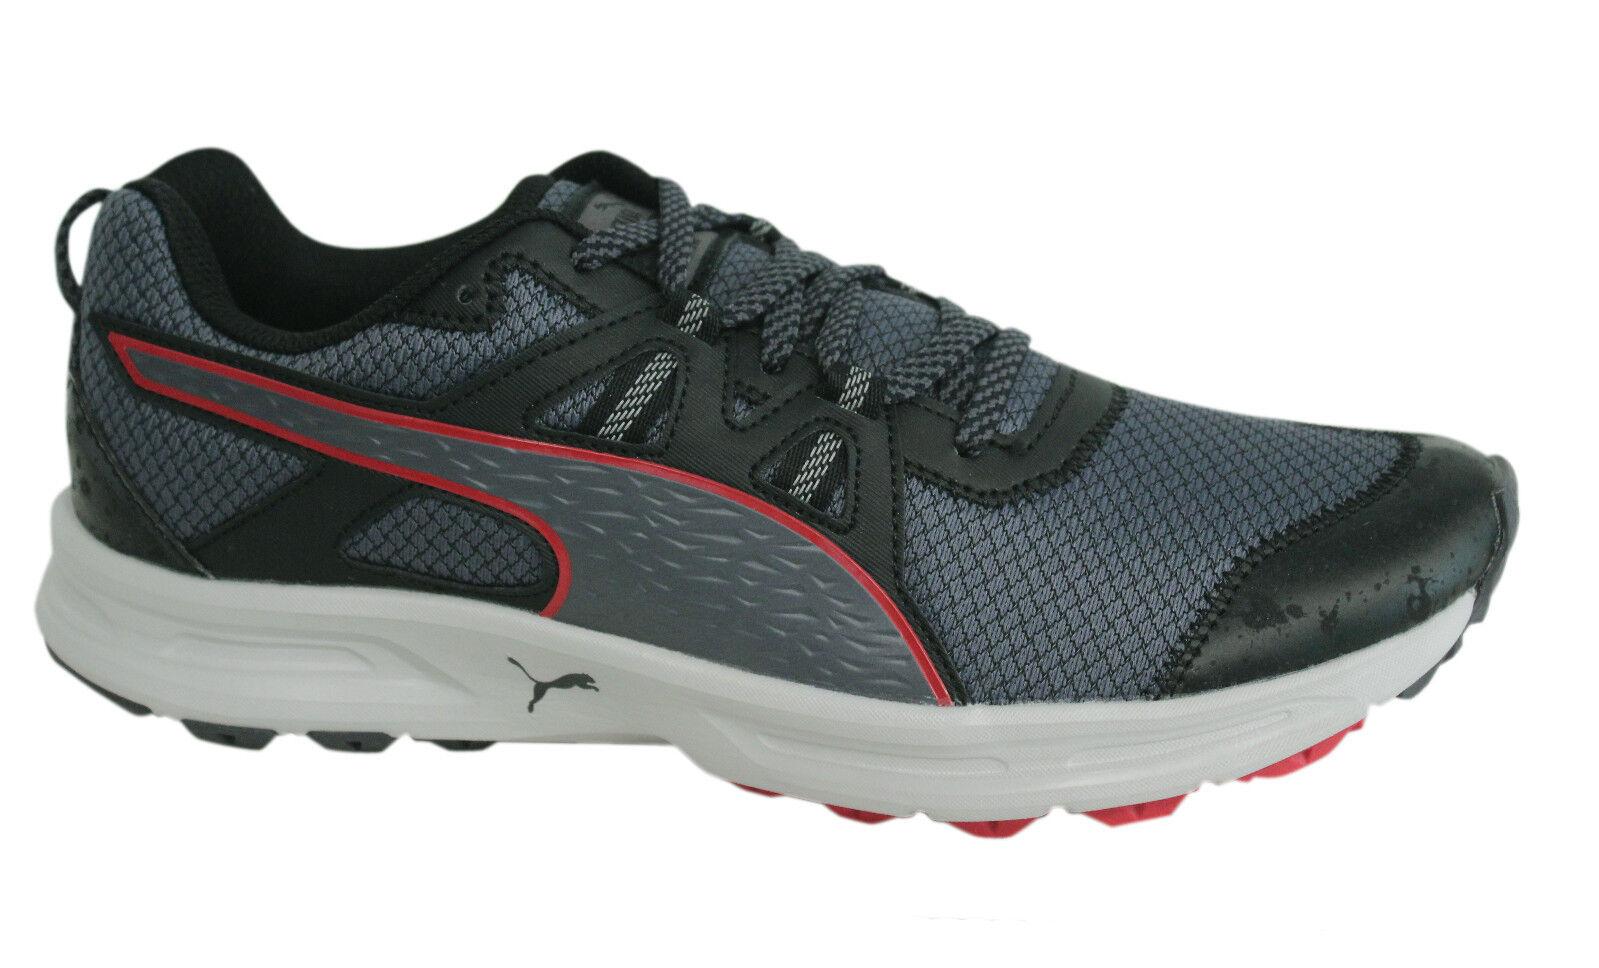 Puma Descendant Mens Lace Up Black Trainers Running Shoes 188167 04 M2 Cheap women's shoes women's shoes